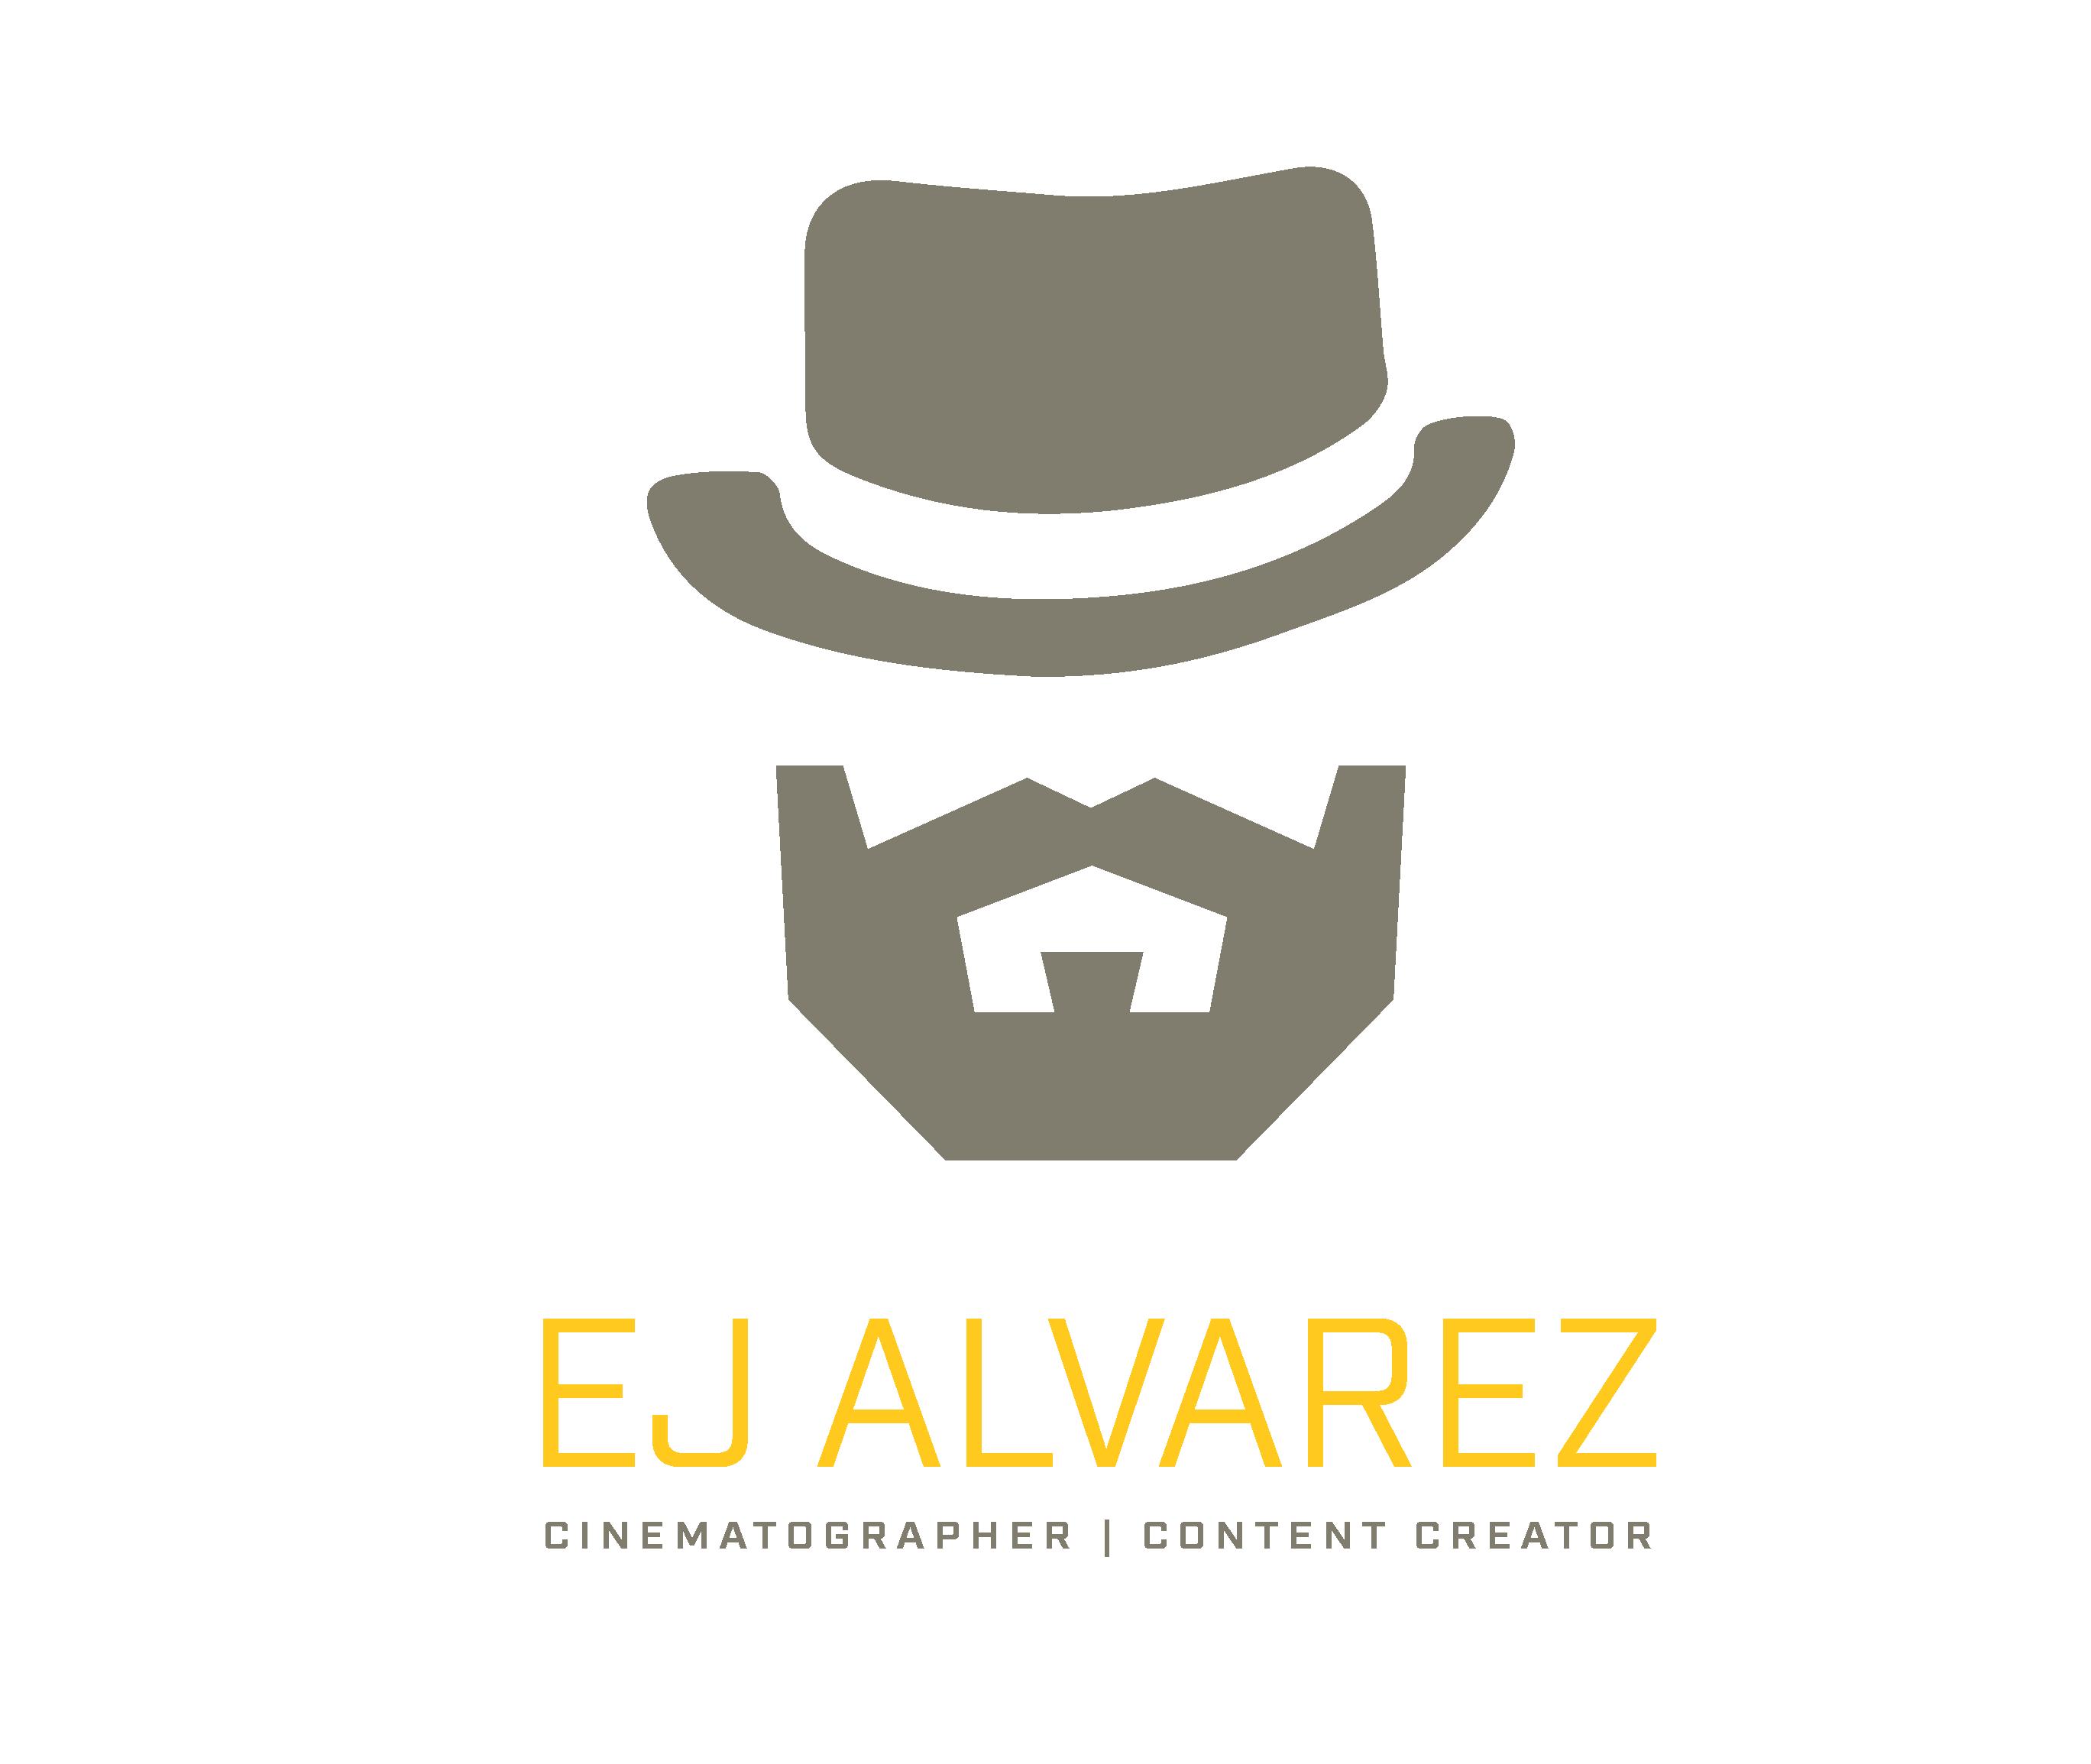 EJ ALVAREZ